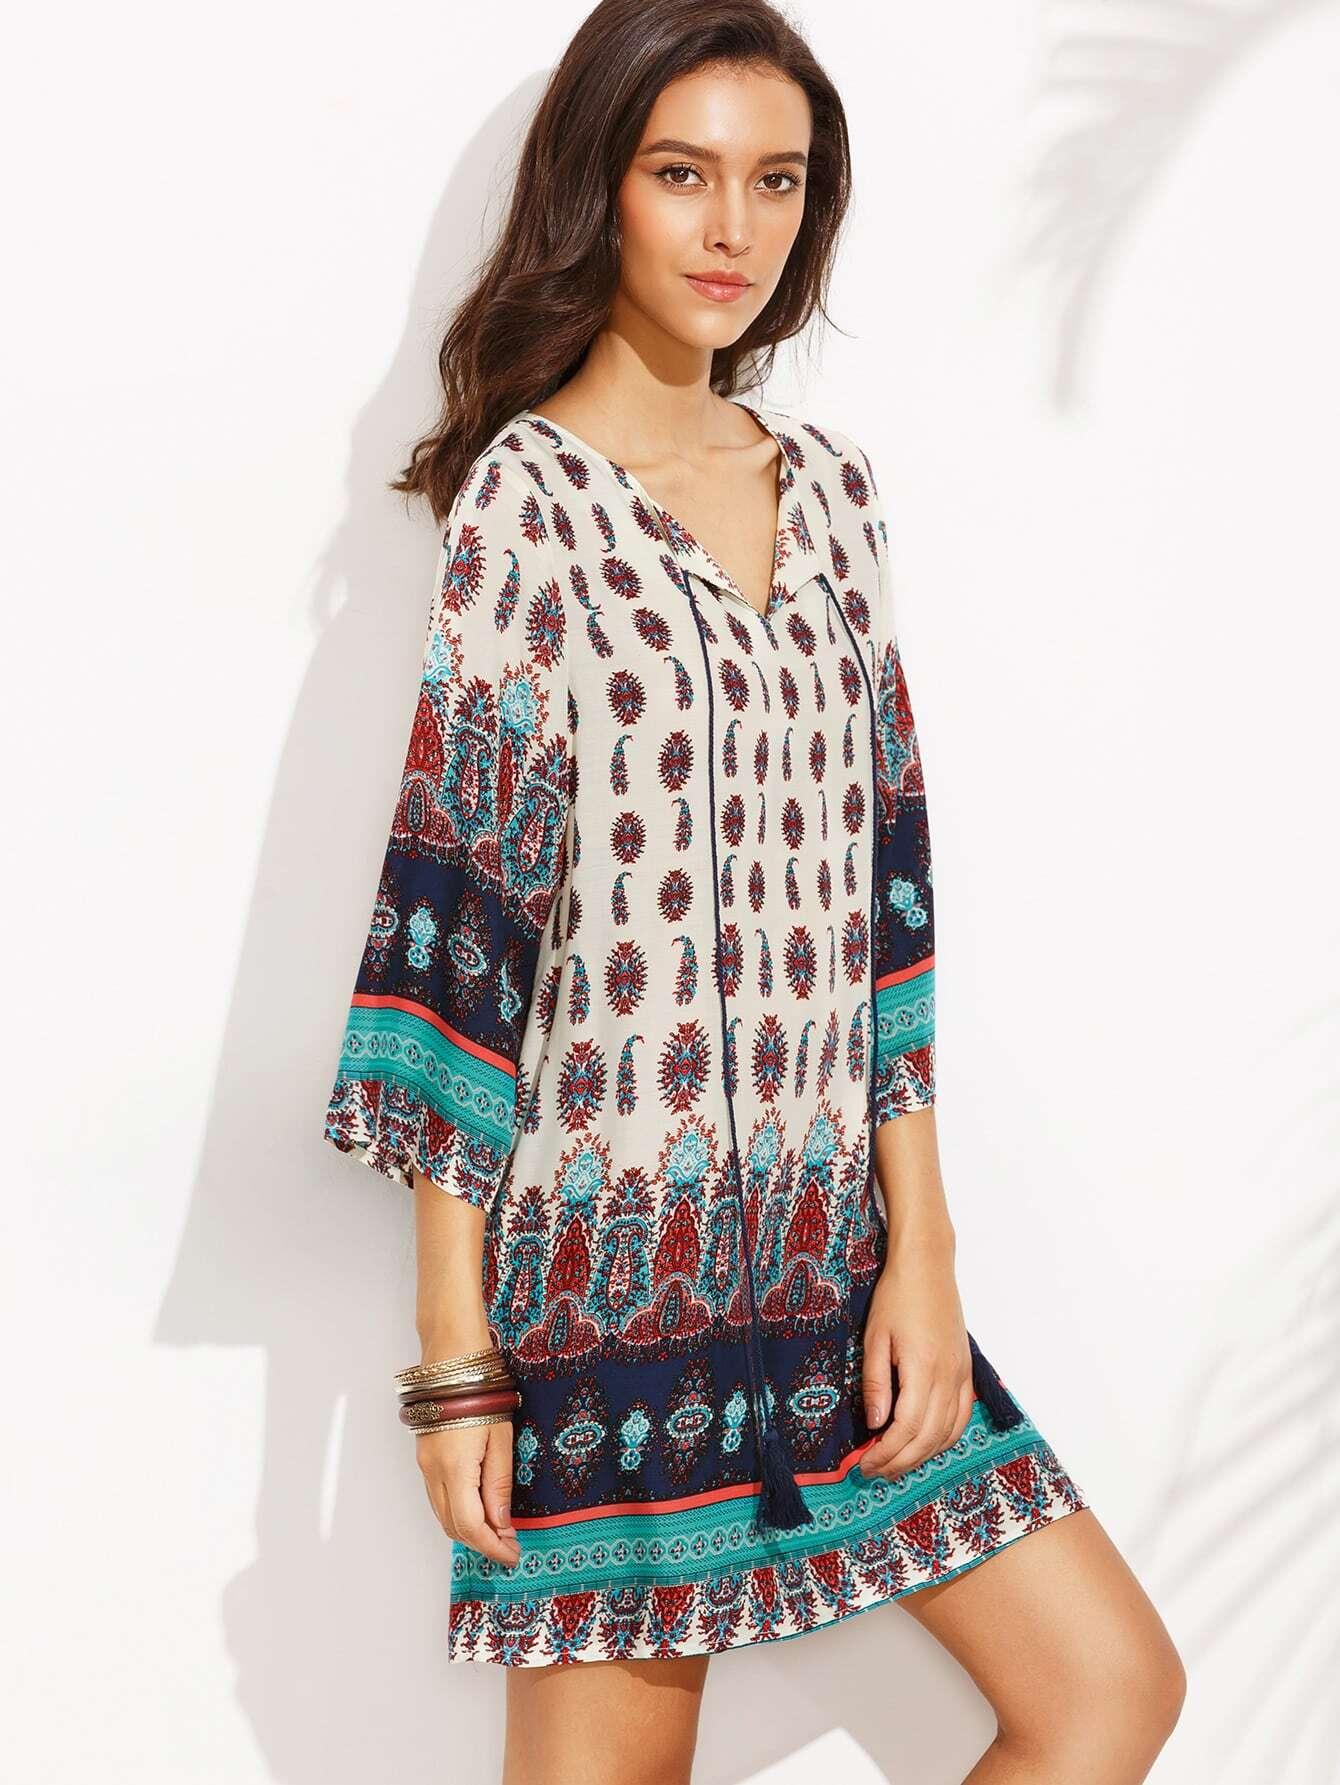 dress160727701_5